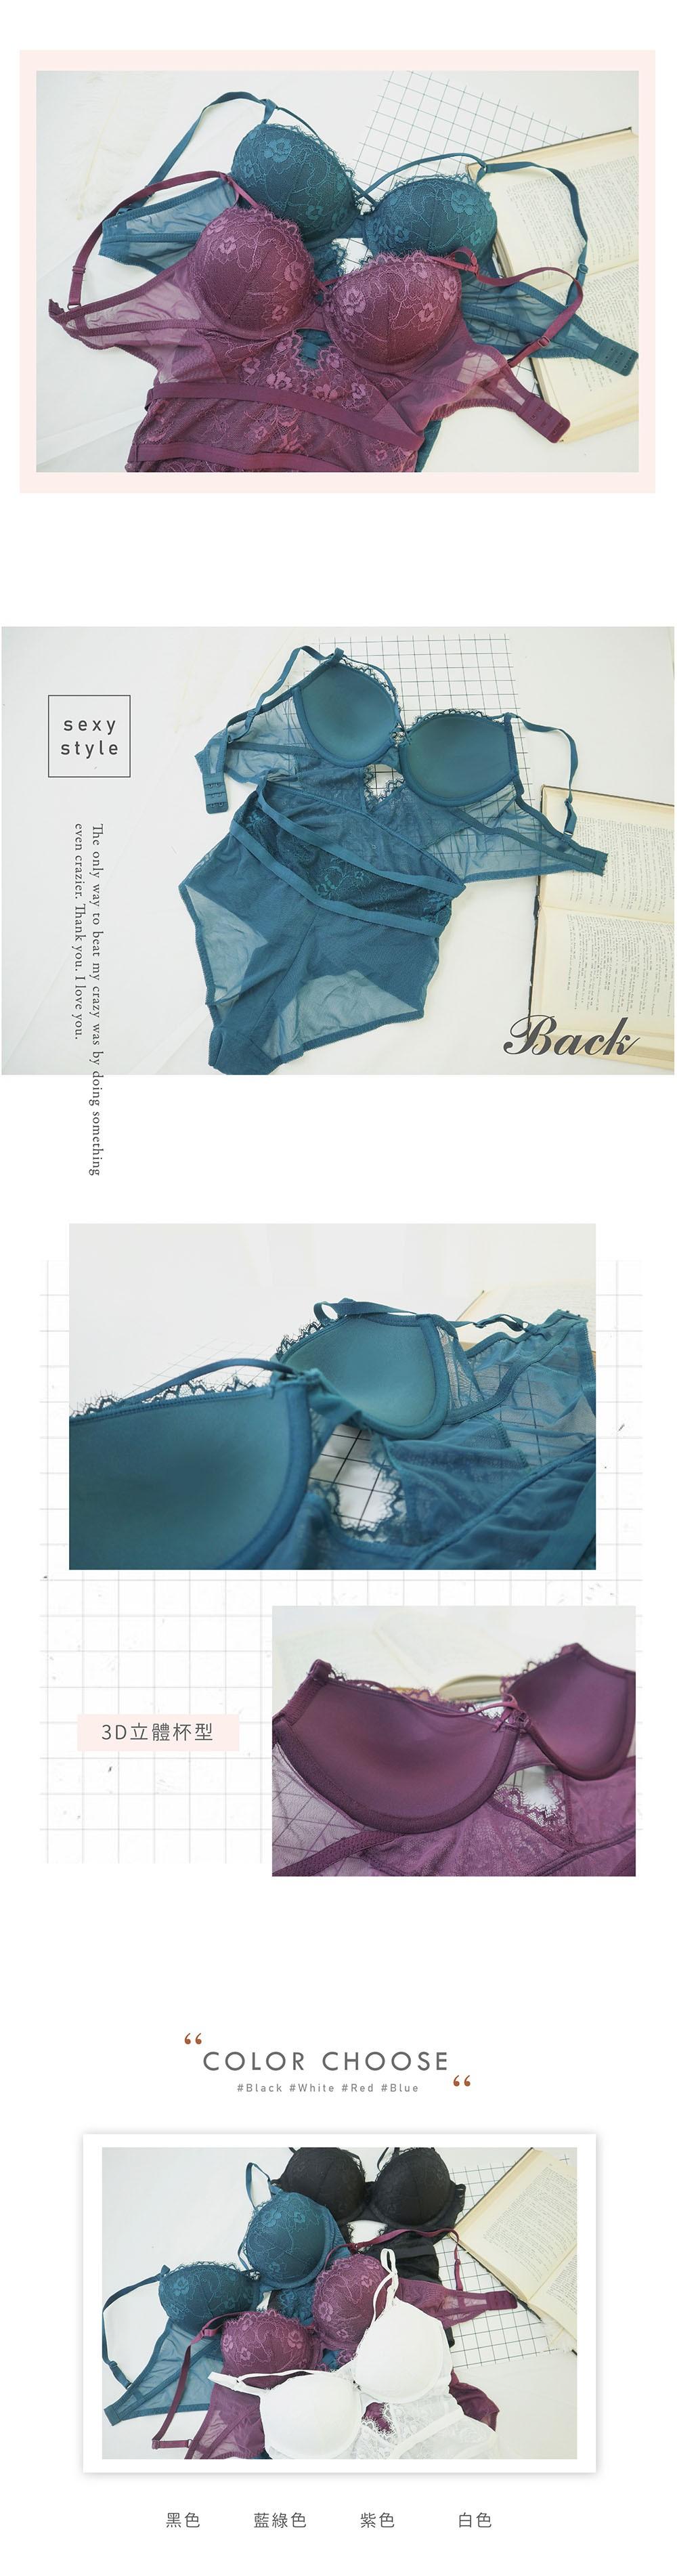 心機曲線魔女W型鋼連身透膚交叉內衣單件 4色